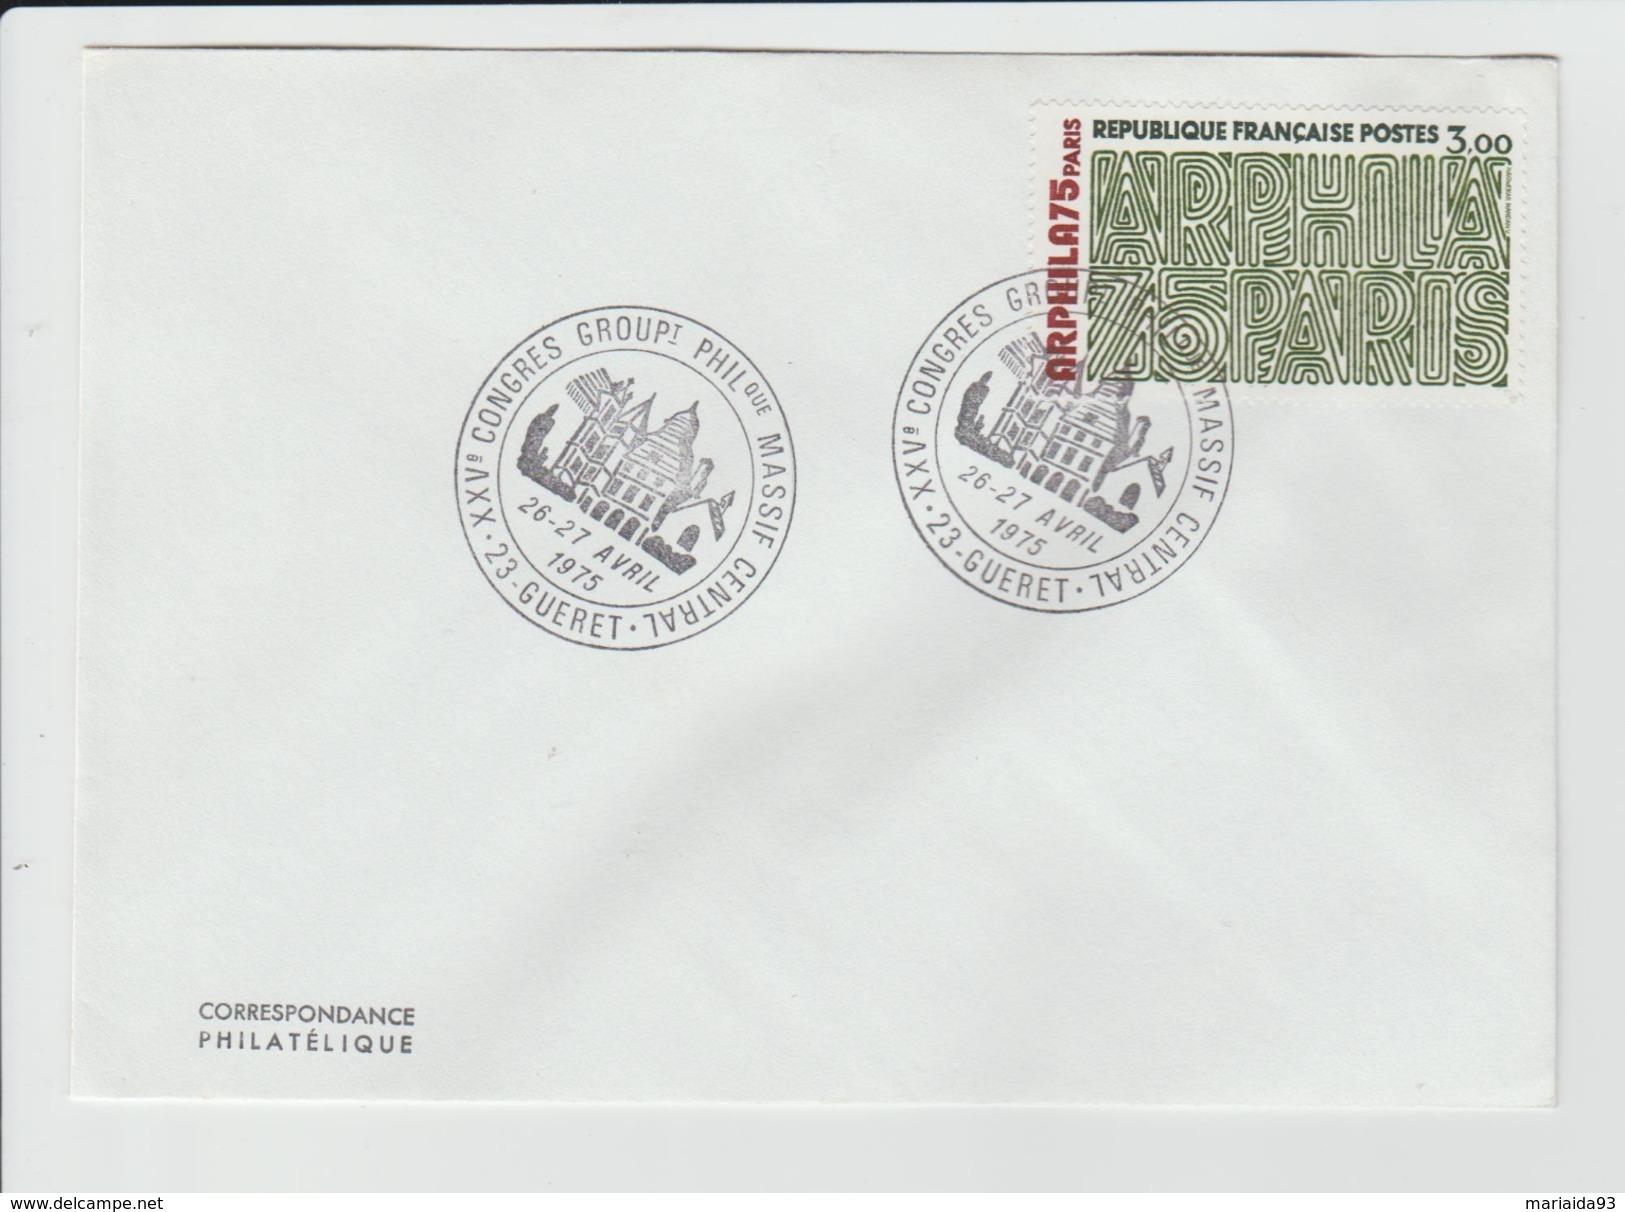 FRANCE - MARCOPHILIE - TIMBRE ARPHILA 75 YVERT 1832 - CACHET GUERET CONGRES PHILATELIQUE MASSIF CENTRAL - Marcophilie (Lettres)